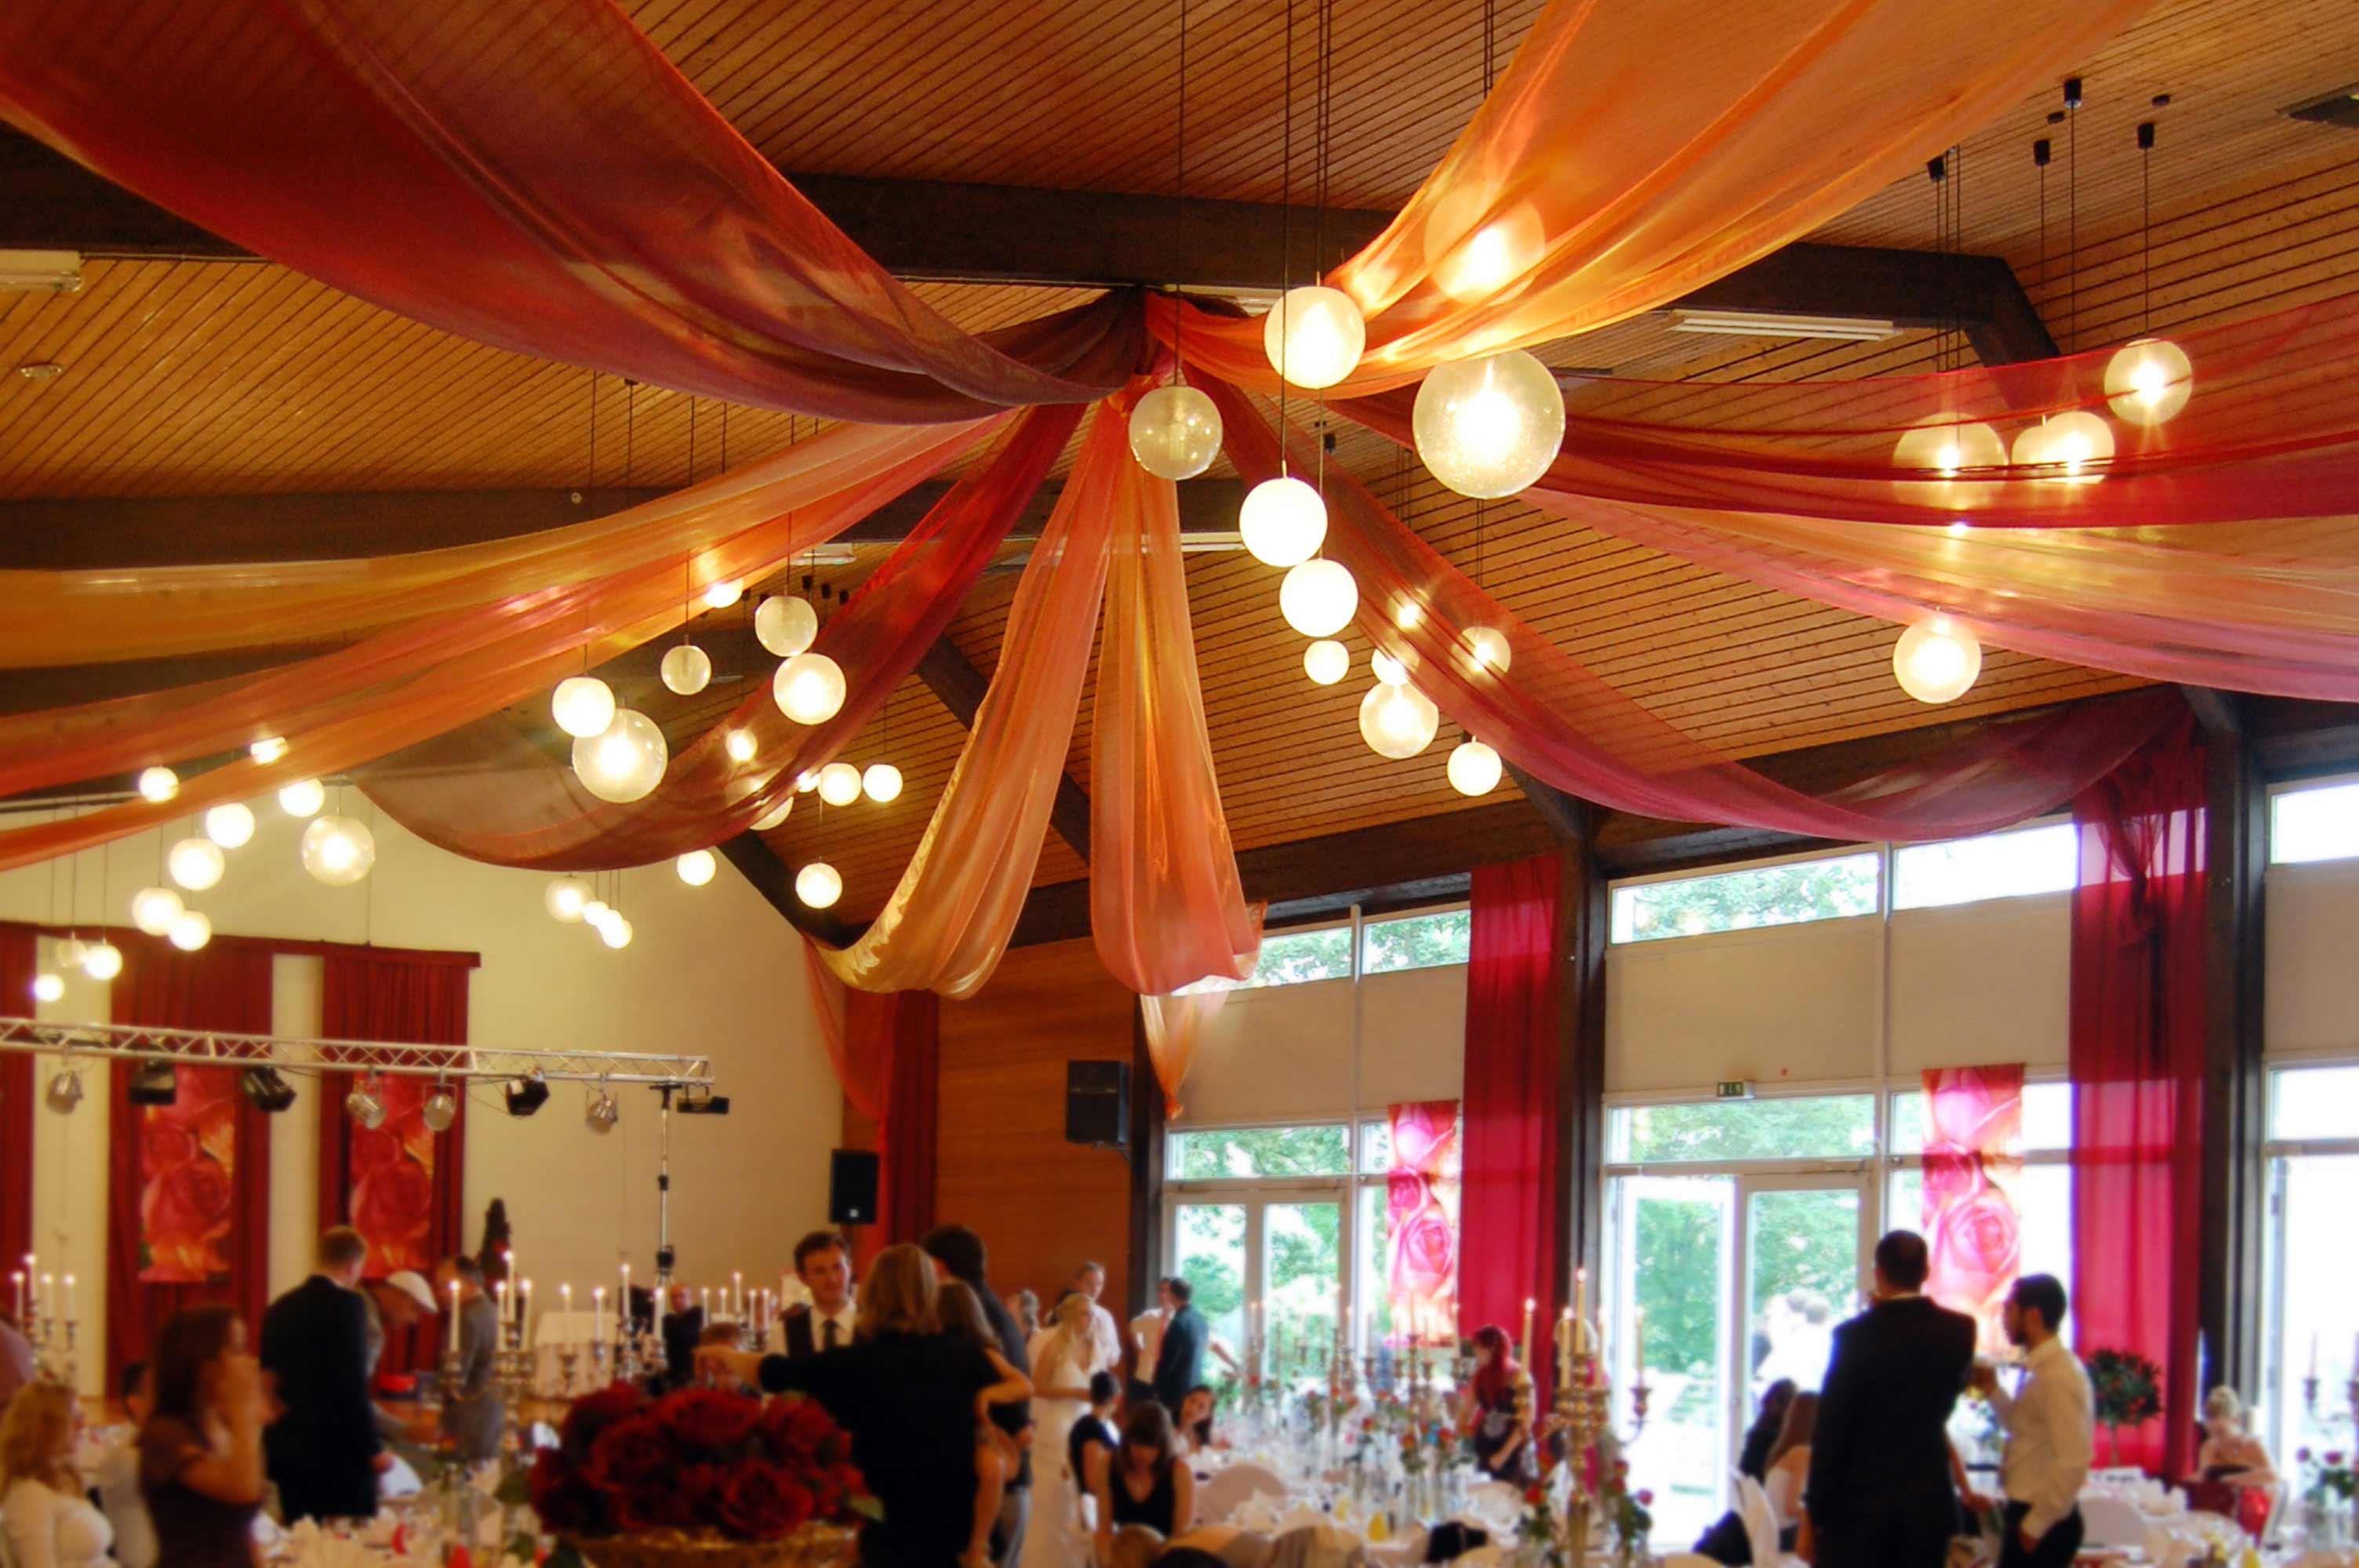 Hochzeitsdeko Saal Bildergalerie Hochzeitsportal24